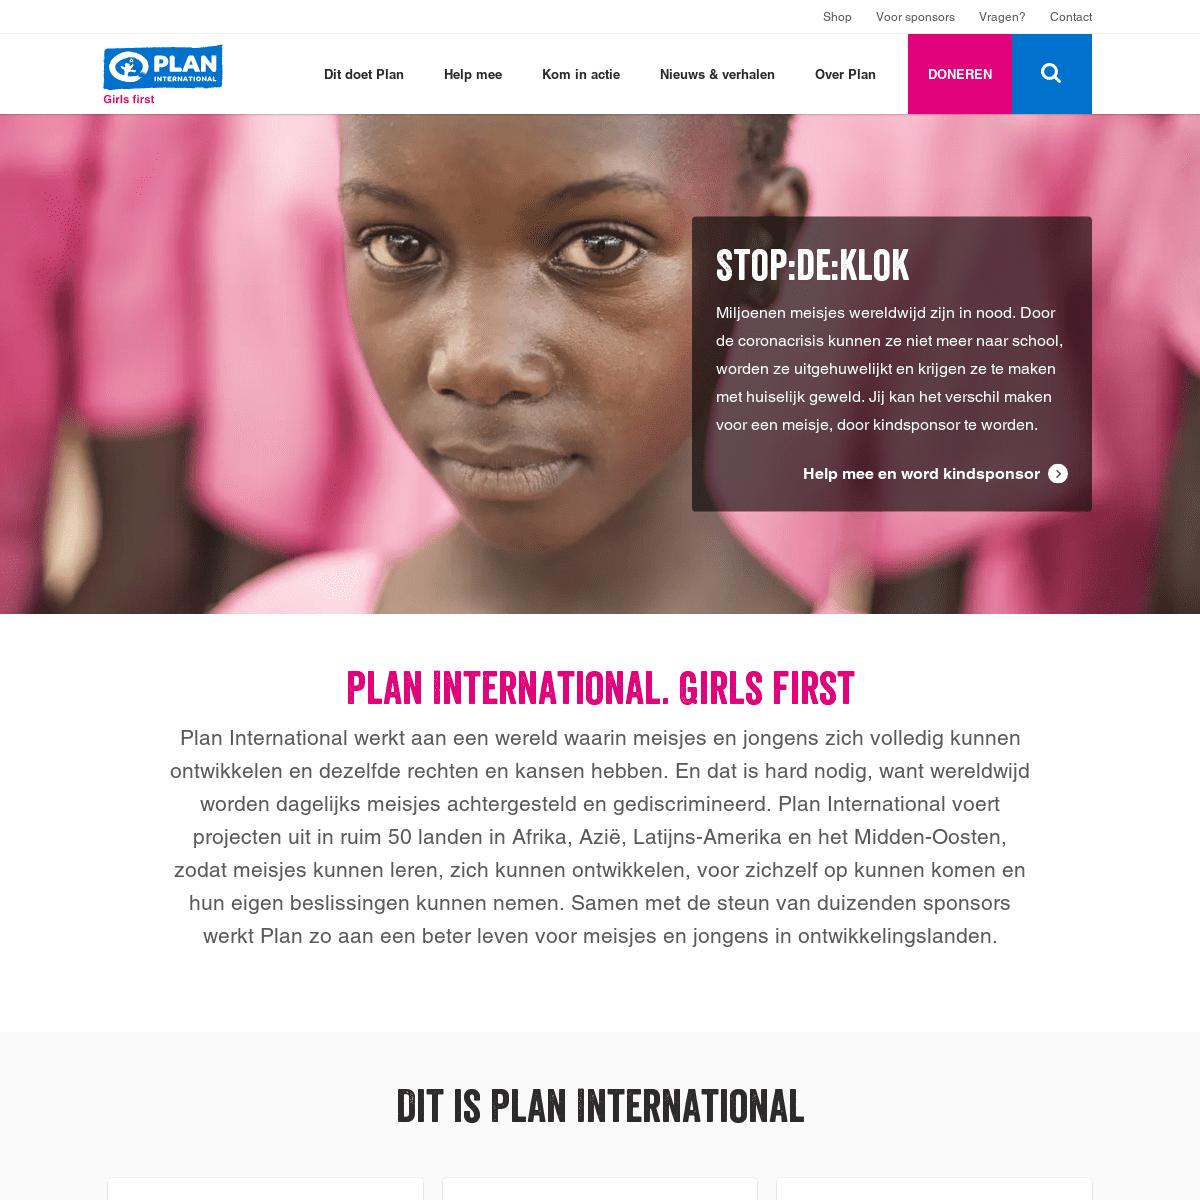 Plan International investeert in meisjes wereldwijd